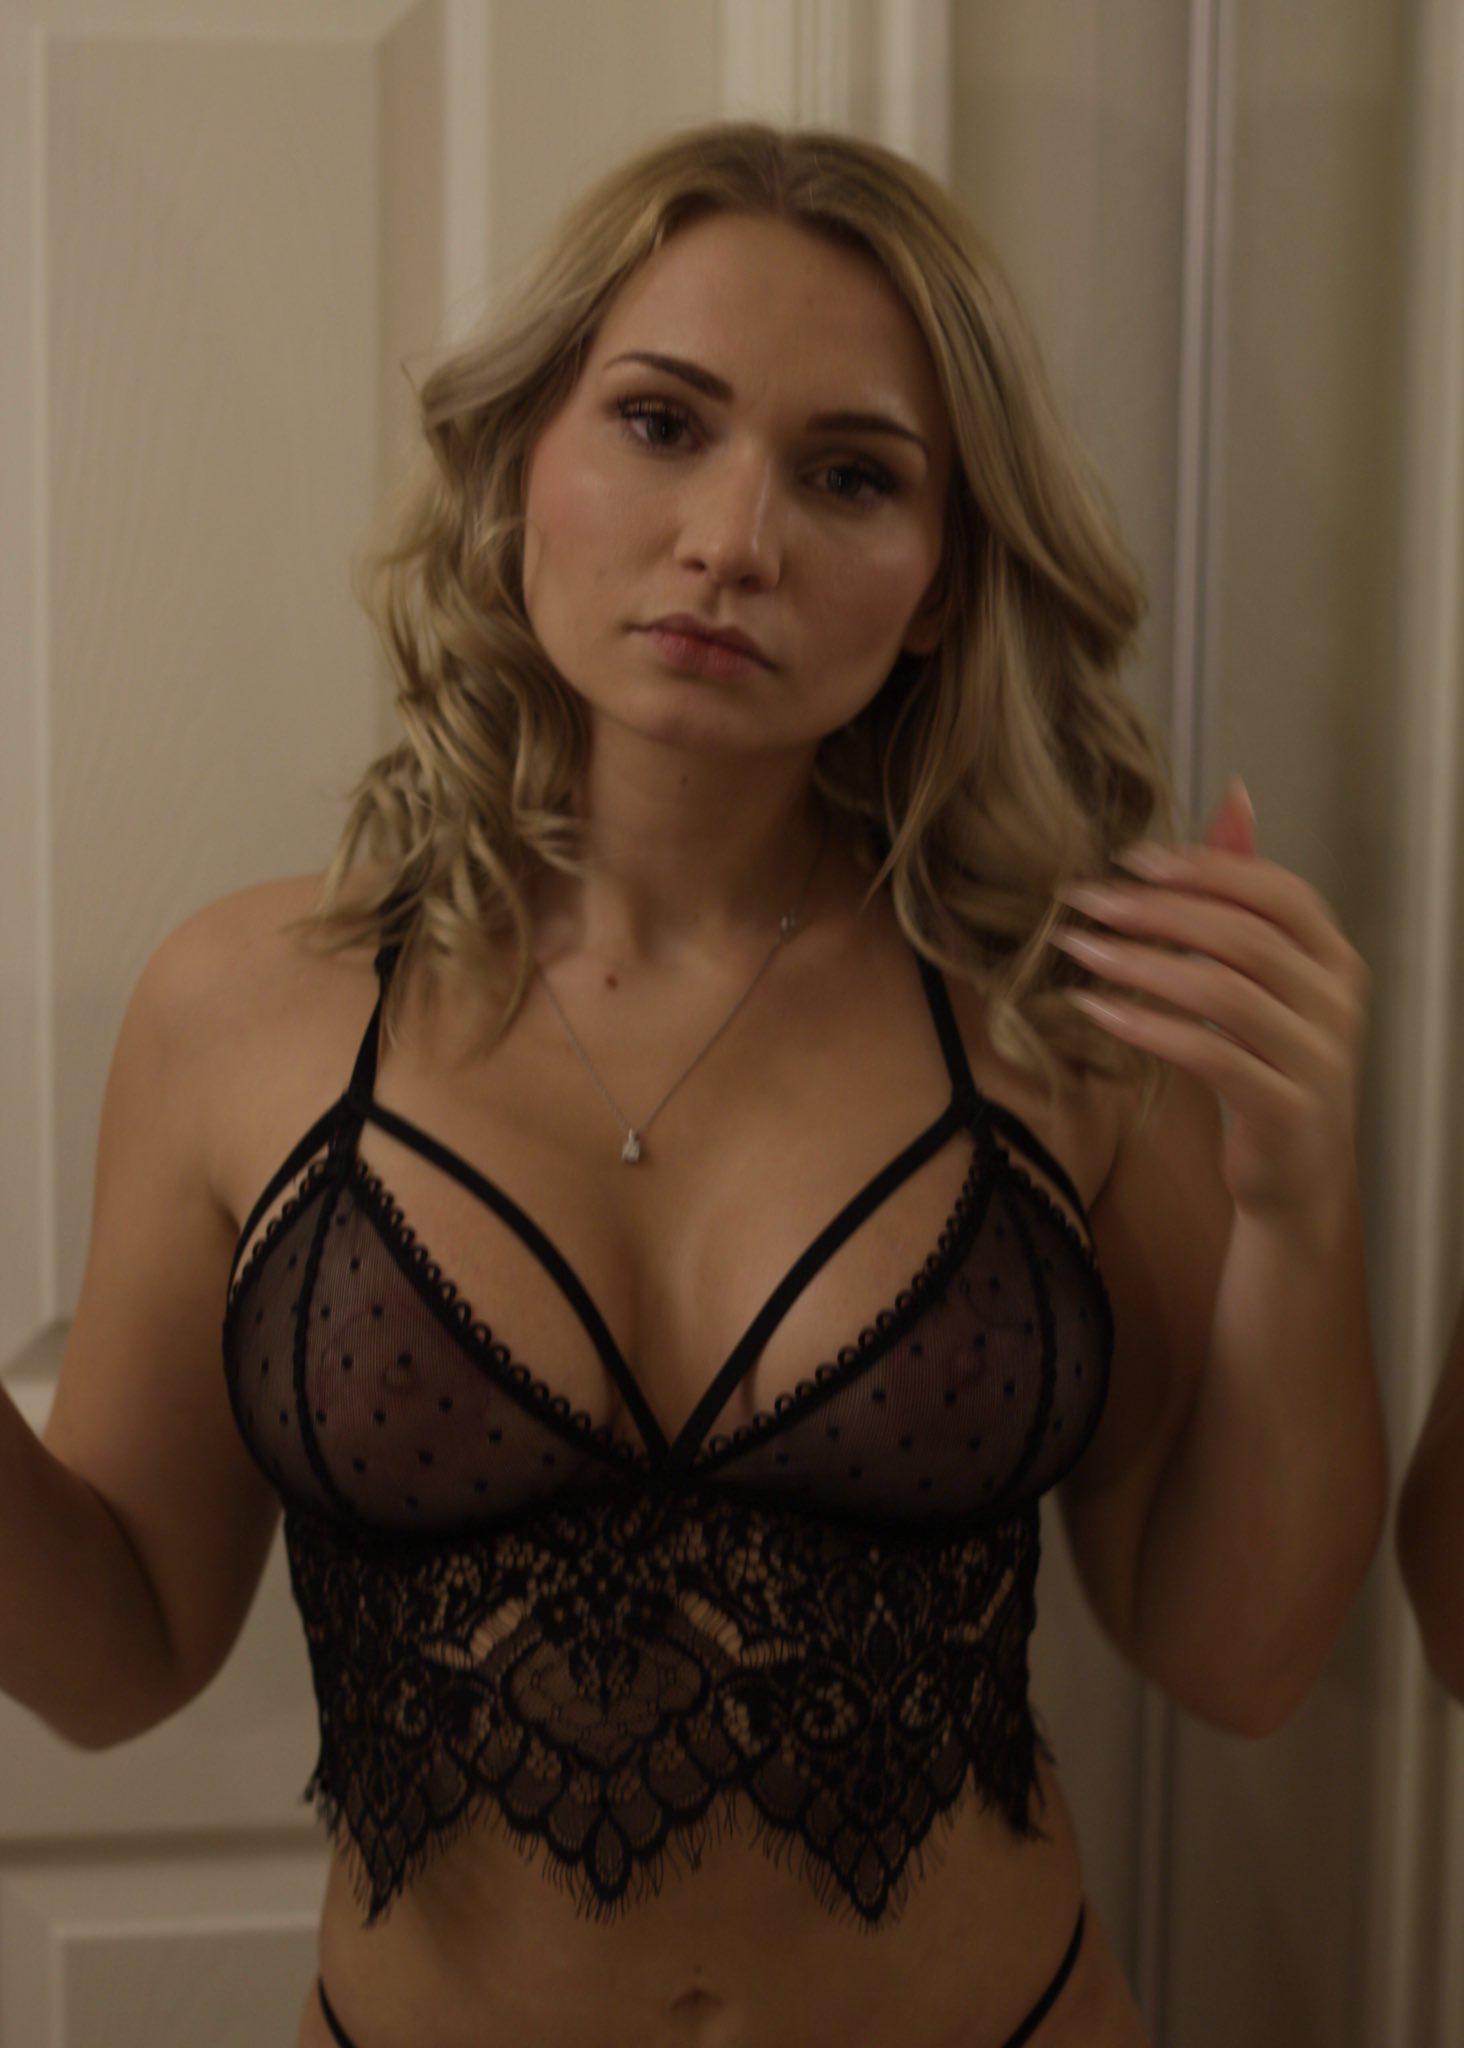 Watch Elizabeth ruiz topless video